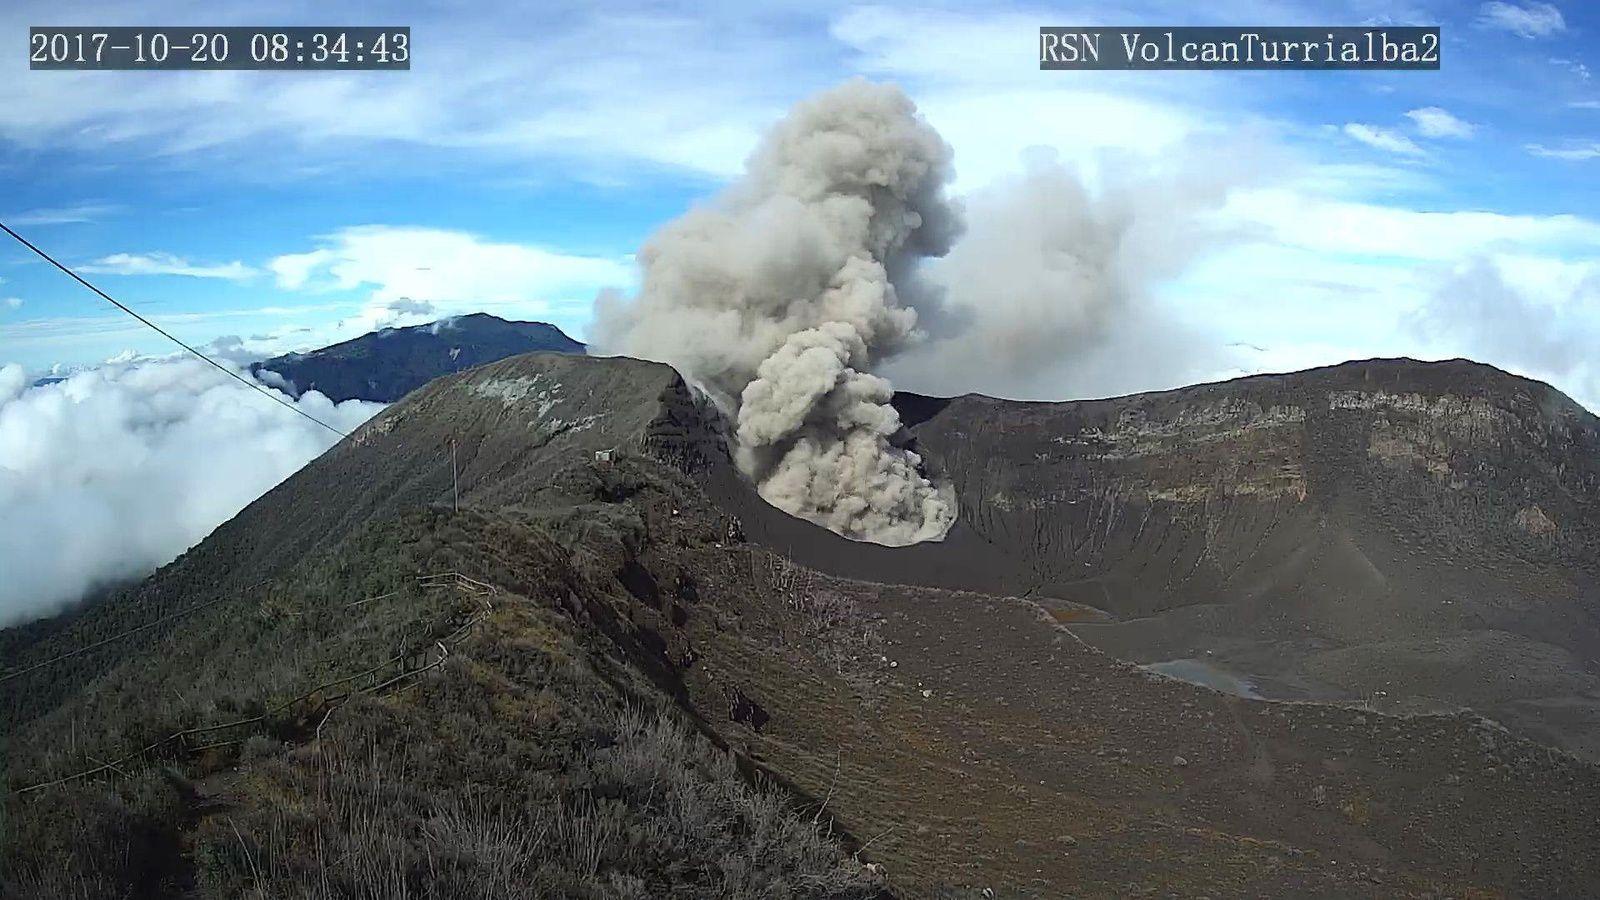 Turrialba  - panache de cendres le 20.10.2017 / 8h34 - webcam RSN